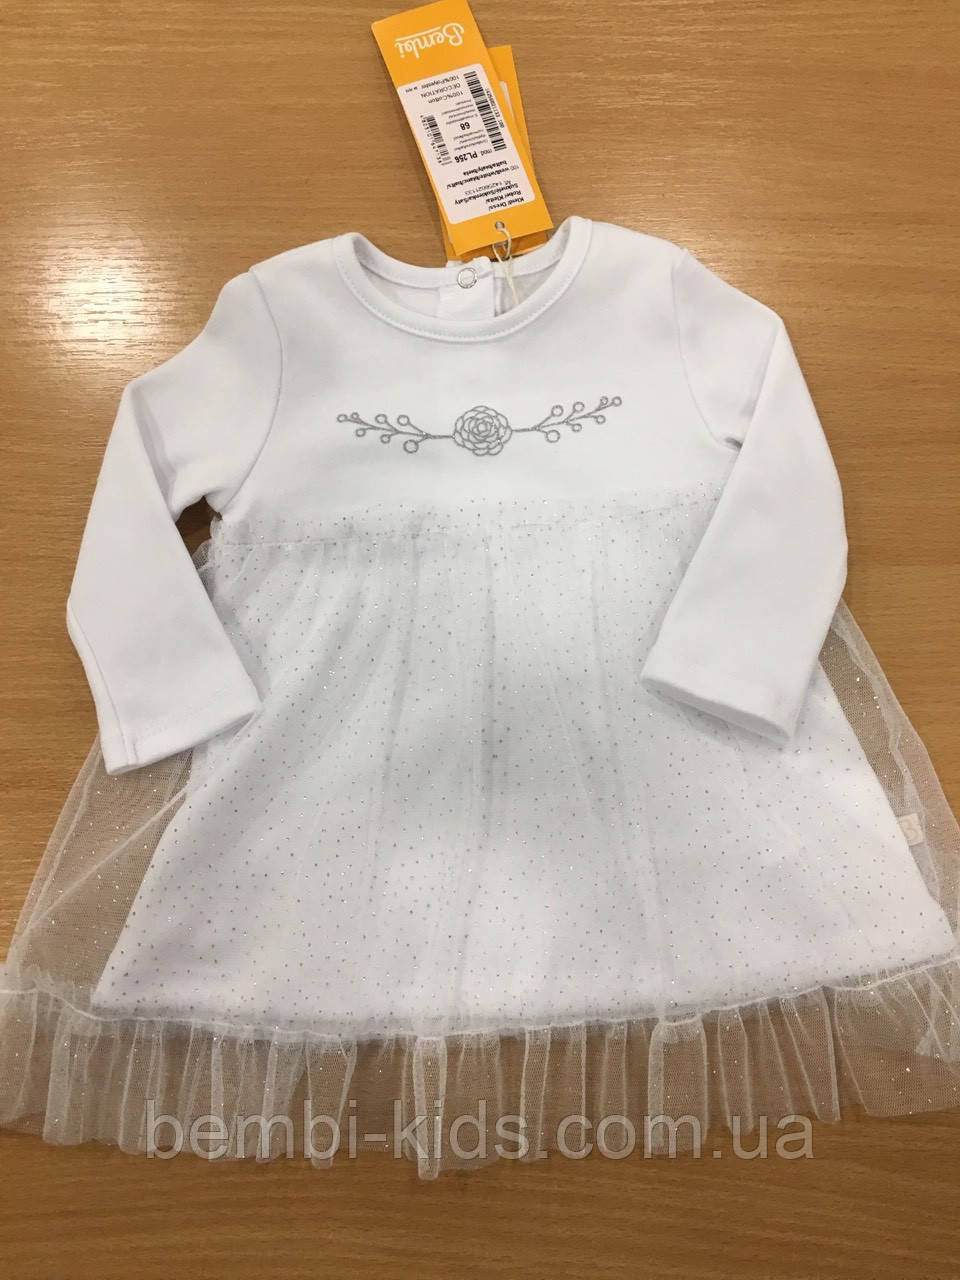 Платье для крещения на девочку. ПЛ 256